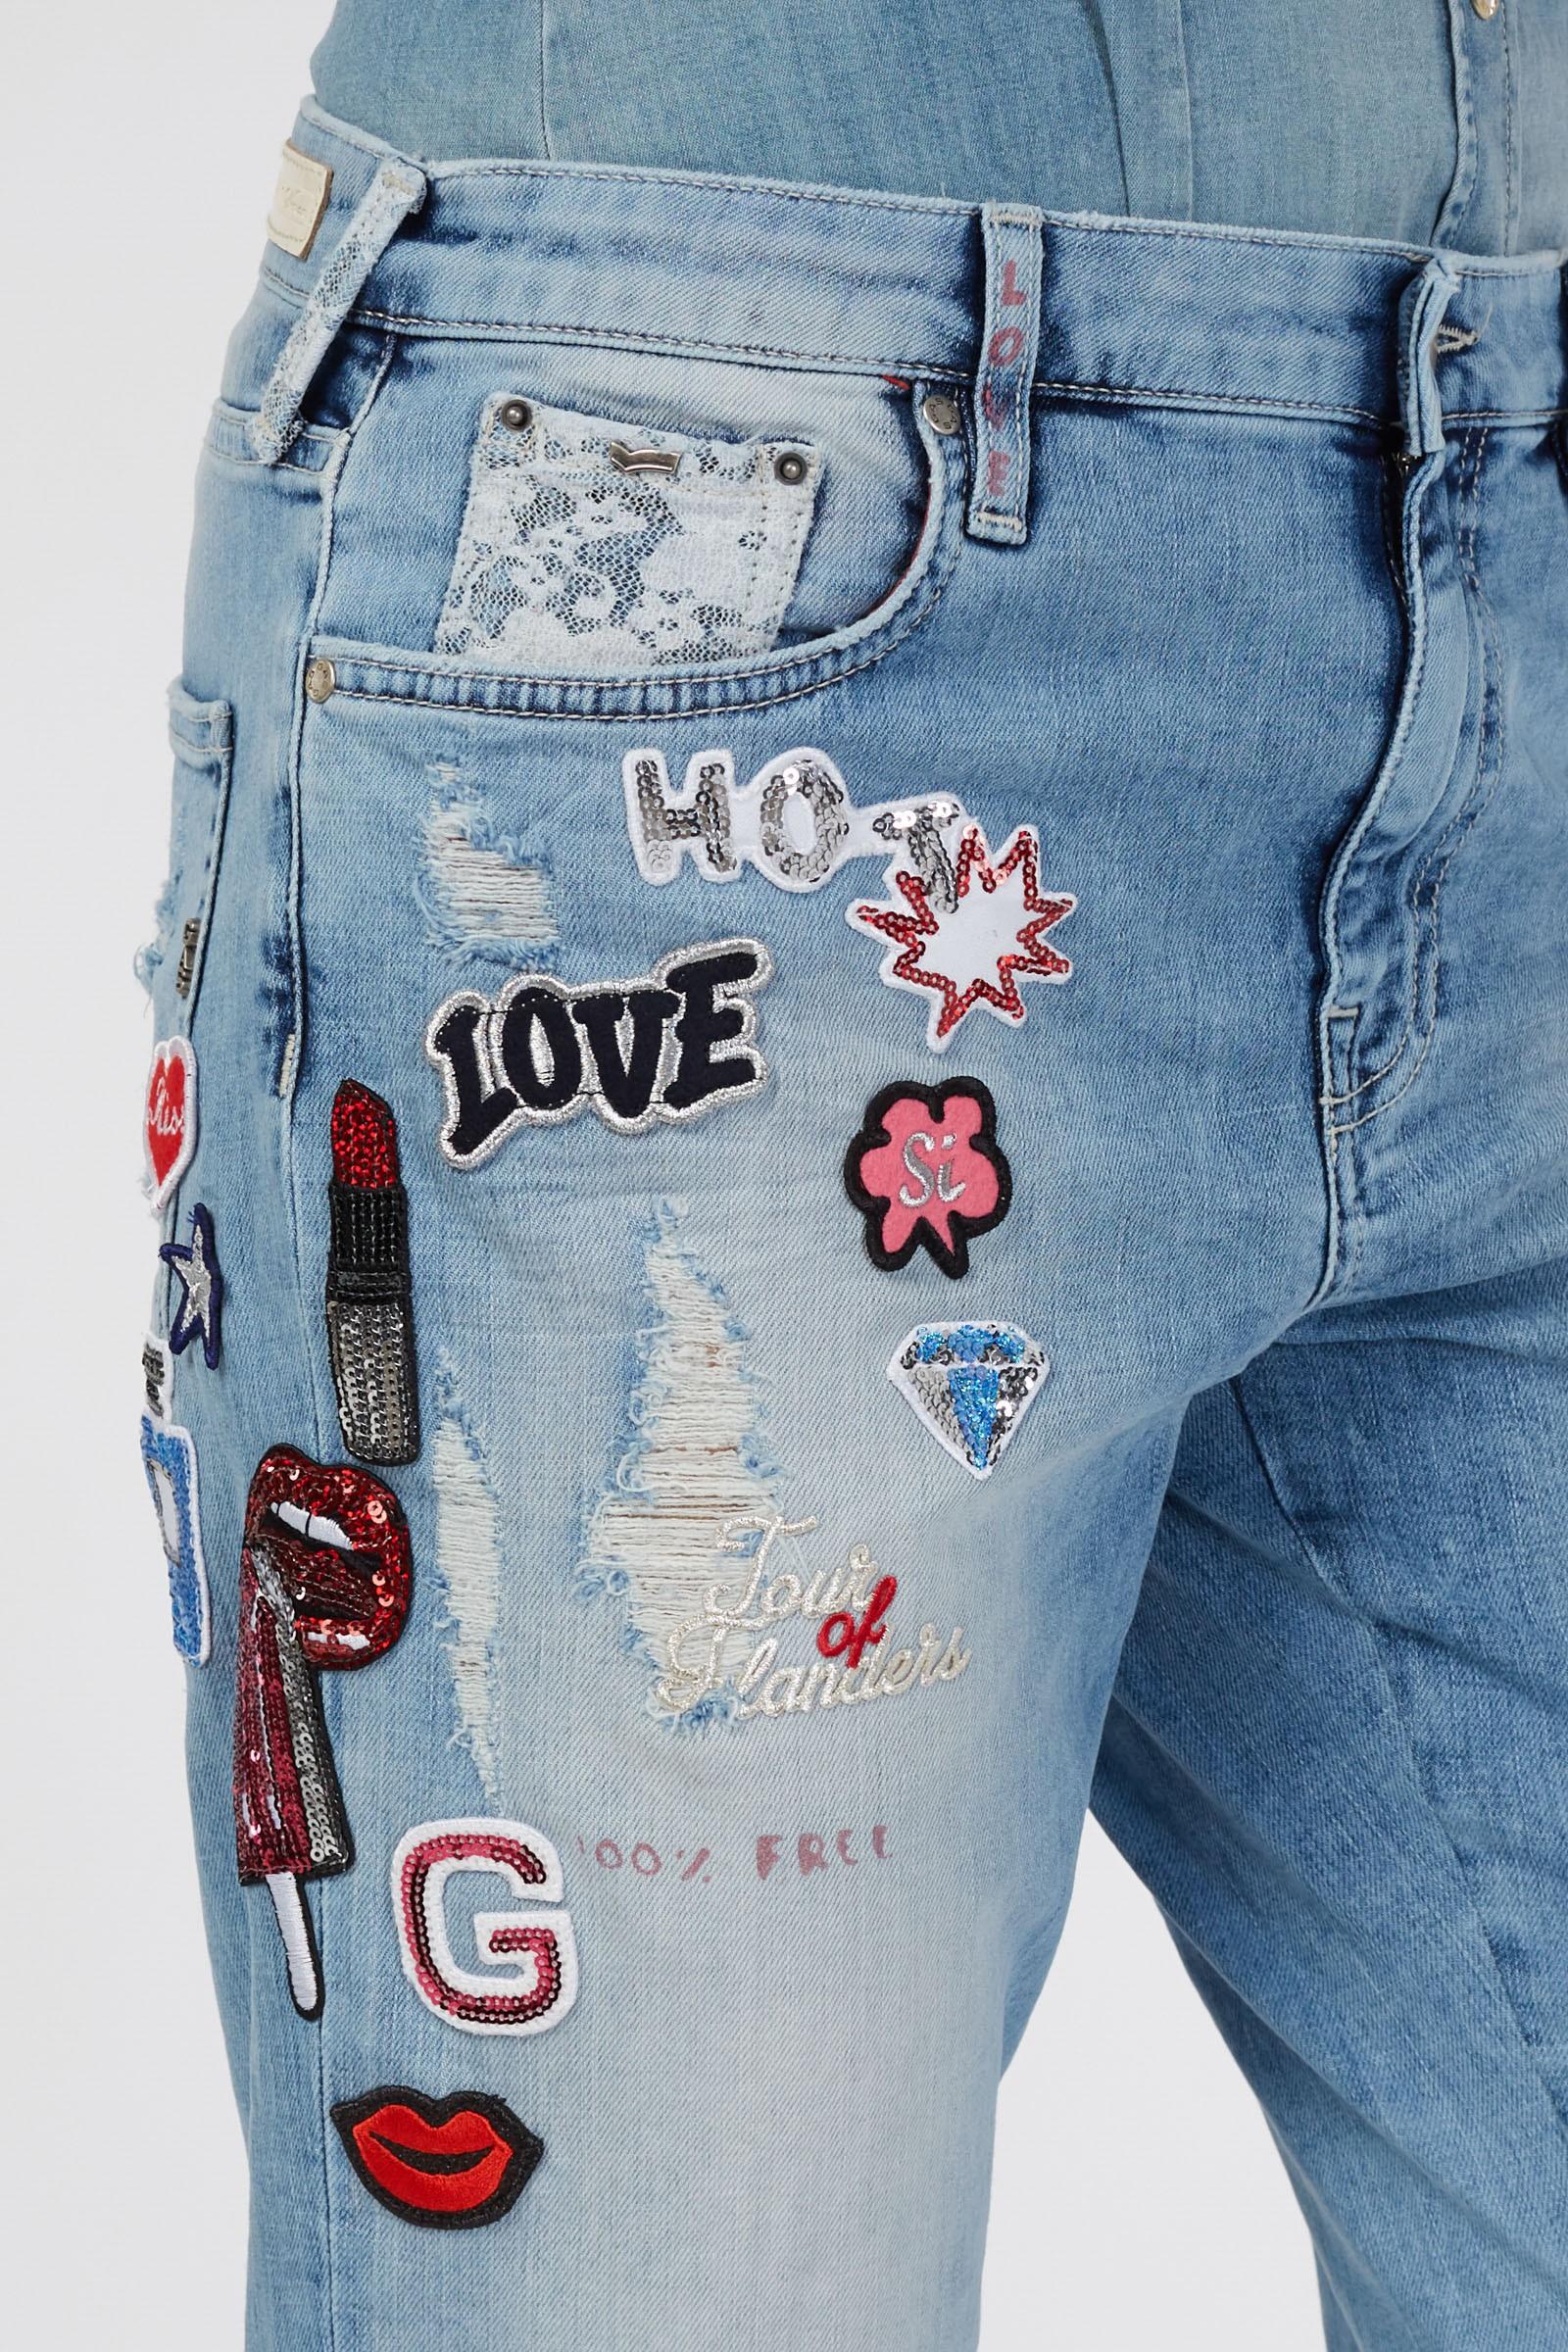 Felvarrók, <a href='http://www.gasjeans.com/hu_en/catalog/product/view/id/31293/s/juice-patch-wb03-355682020402-wb03/' target='_blank'>GAS Jeans</a></p>